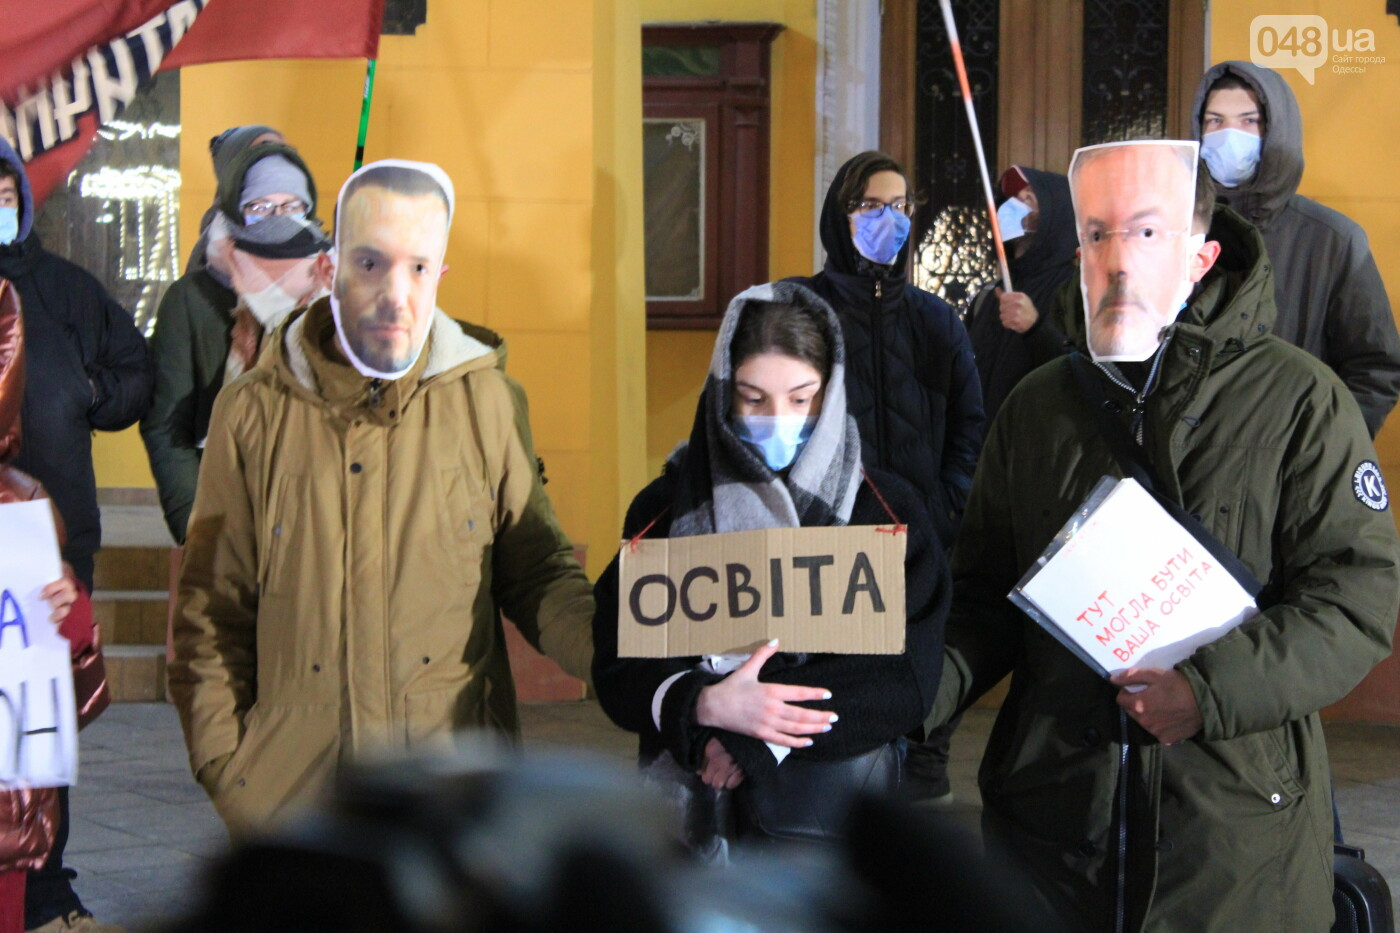 Одесский перформанс: связали и надругались над образованием возле Дюка, - ФОТО, ВИДЕО, фото-7